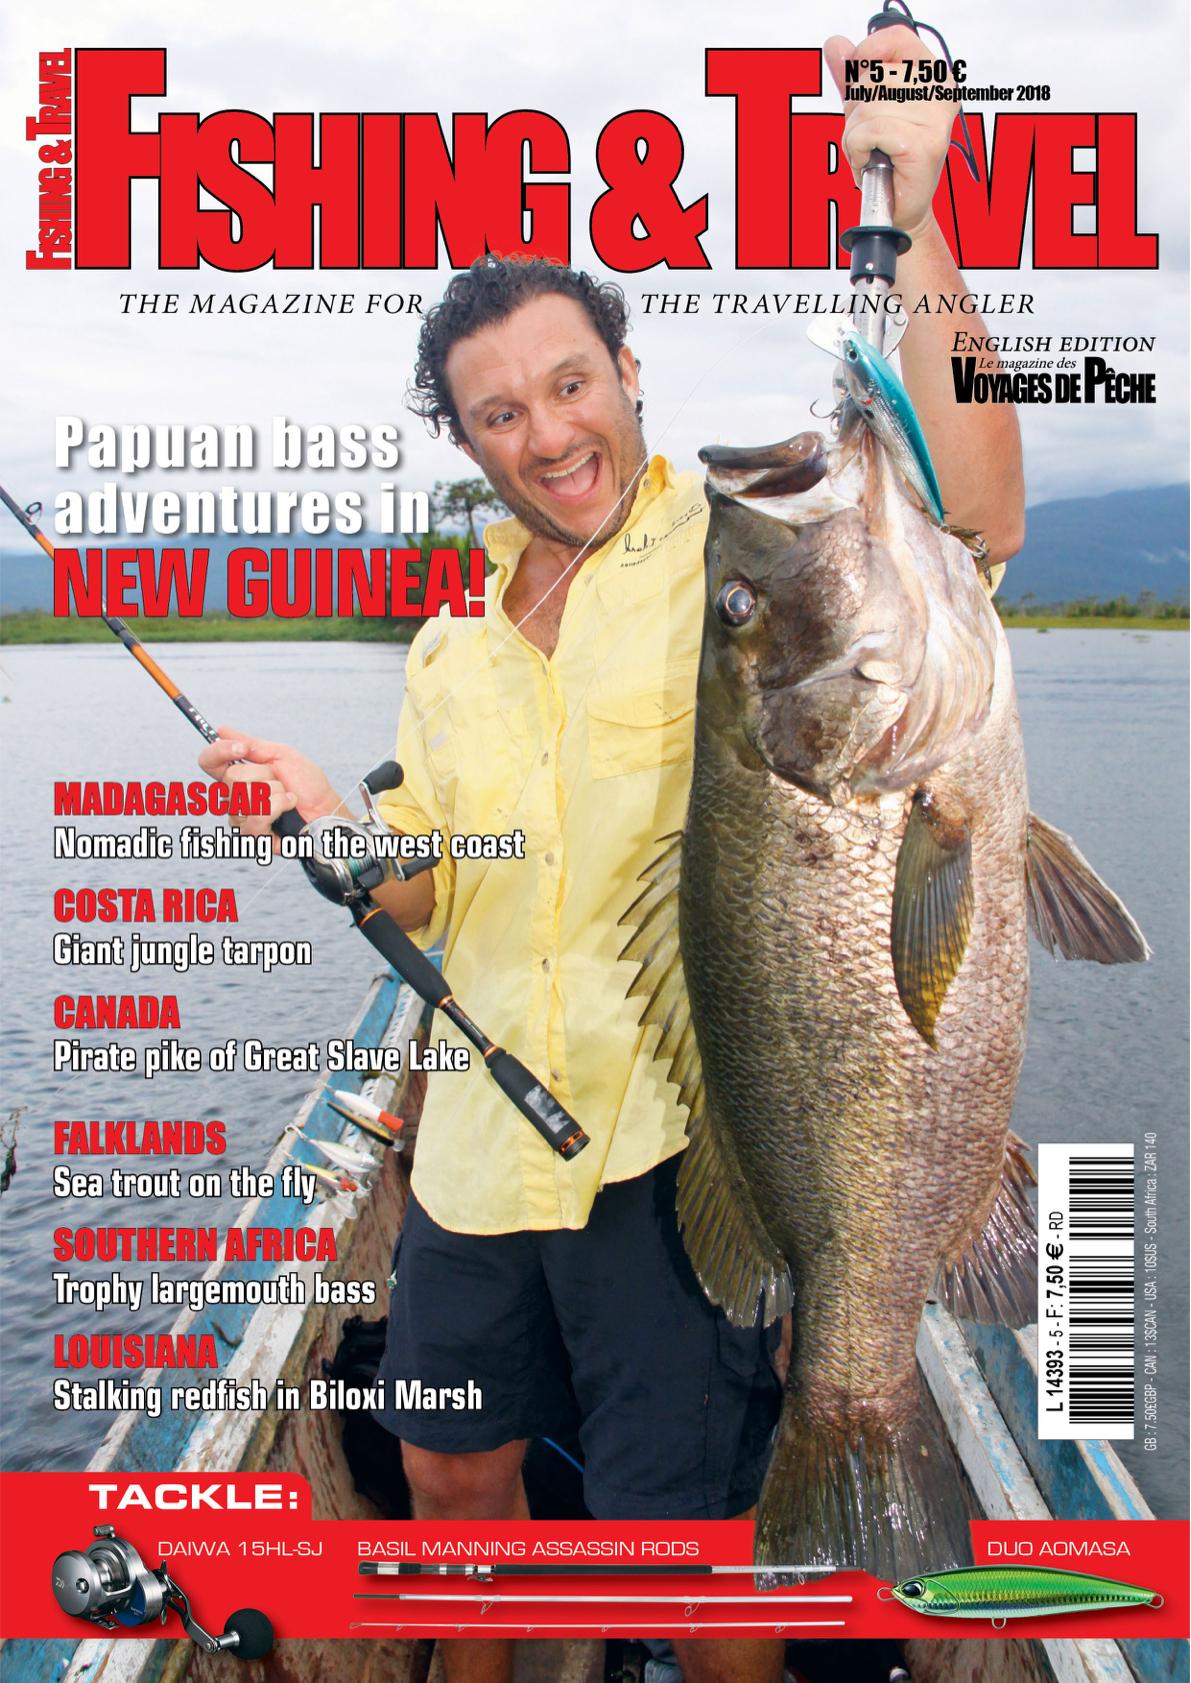 Fishing & Travel N° 5